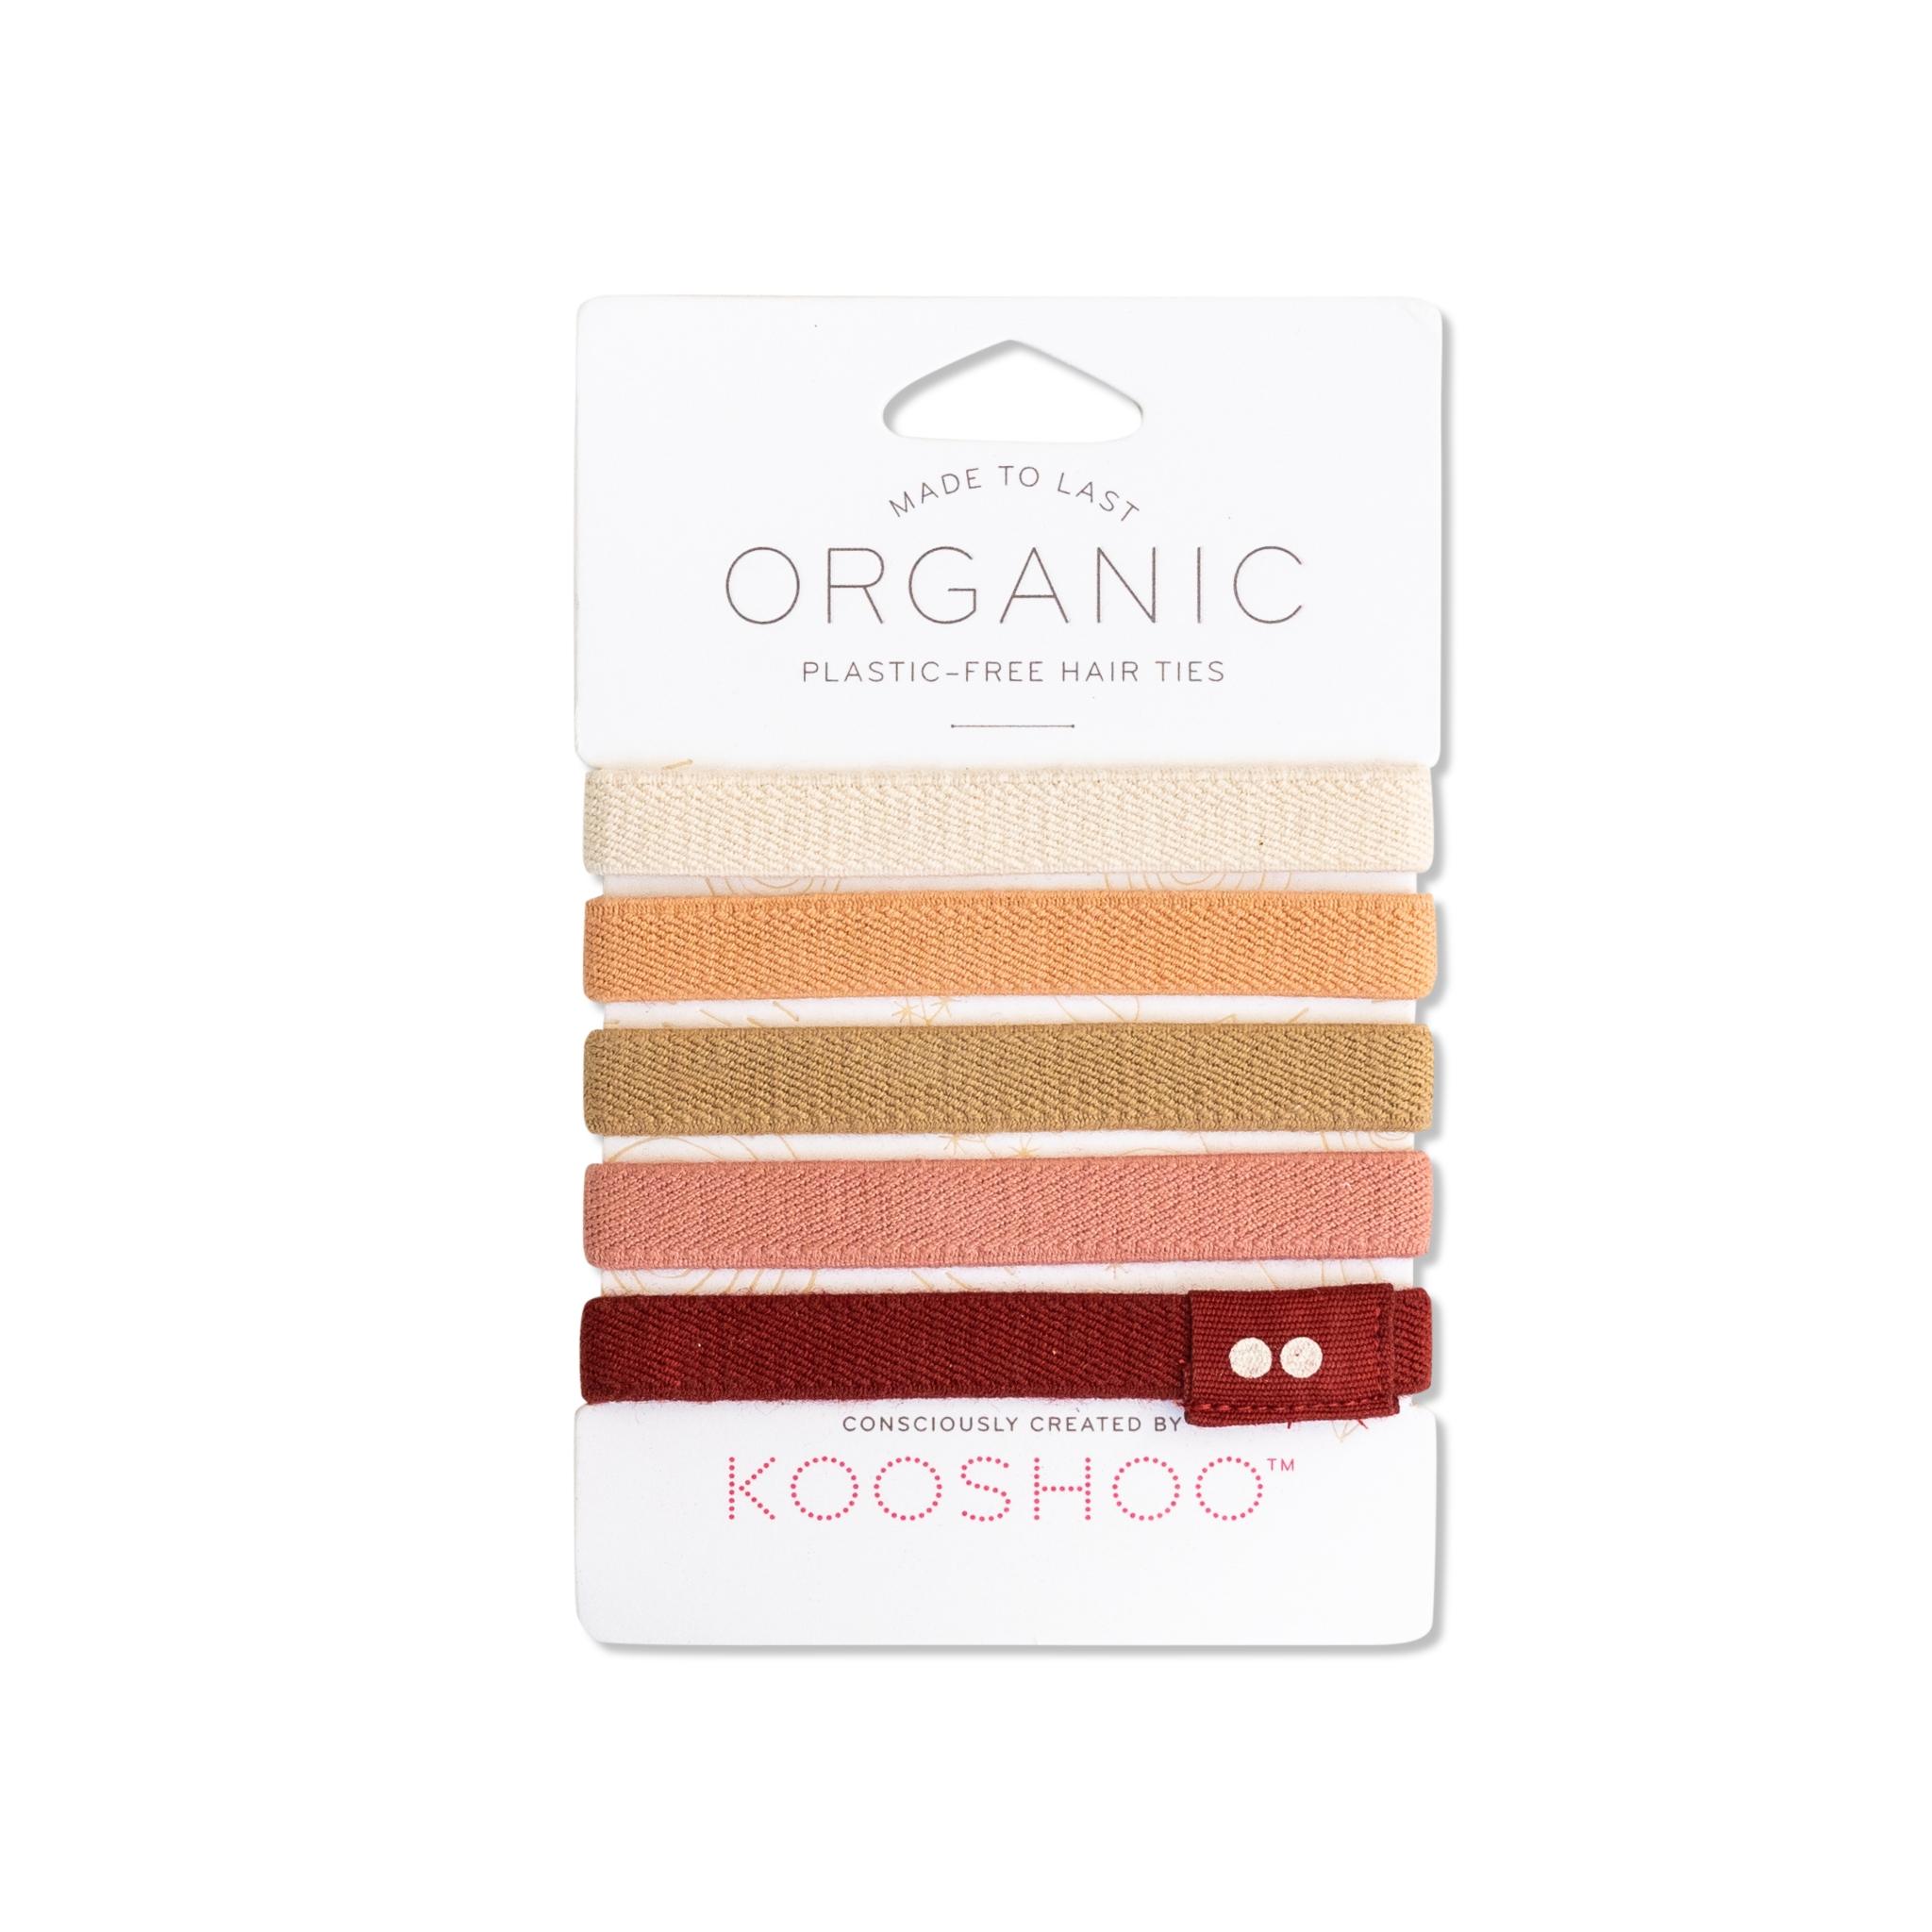 Ginger Organic Plastic-Free Hair Ties by KOOSHOO - front.jpg